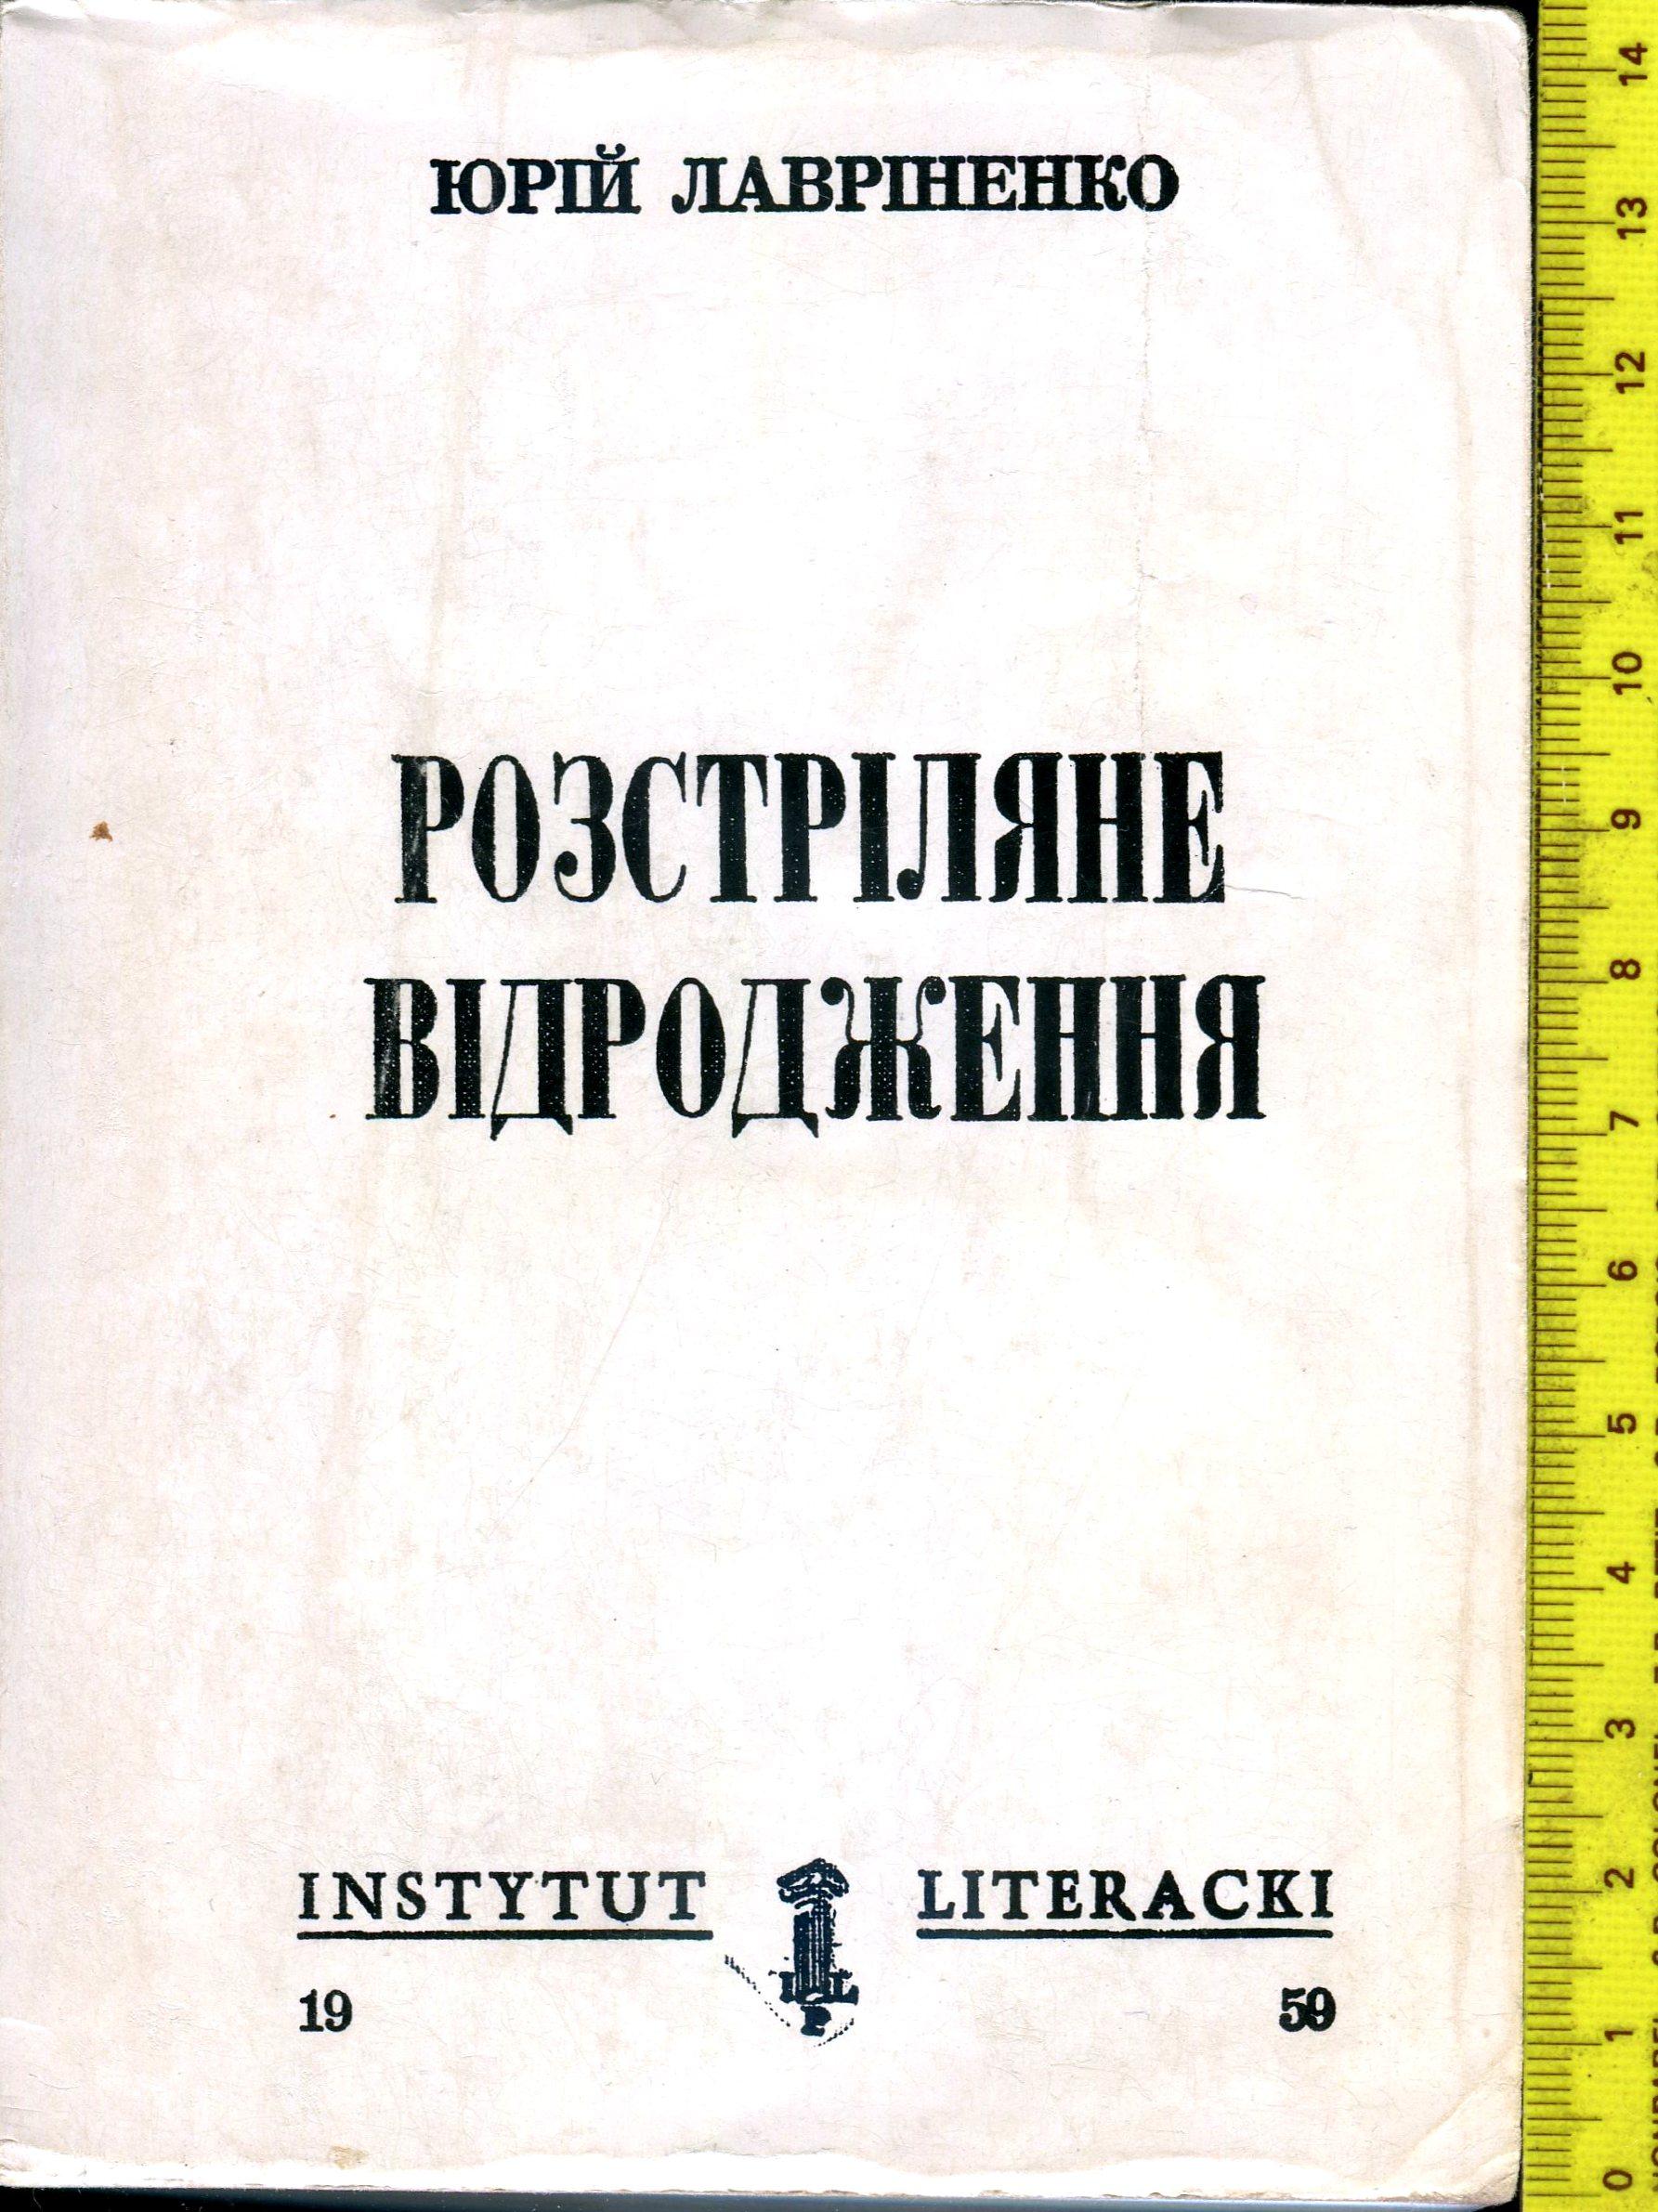 <div class='inner-box'><div class='close-desc'></div><span class='opis'><p><em>Rozstrzelane odrodzenie</em>&nbsp;Jurija Ławrinenki. Okładka wydania kieszonkowego z 1987 r. , przeznaczonego do wysyłania na Ukrainę. Tom wydało bez zgody i wiedzy Jerzego Giedroycia nowojorskie, ukraińskie wydawnictwo <em>Proloh</em>. W korespondencji z&nbsp; Ławrinenką (kt&oacute;ry doni&oacute;sł mu o pirackiej inicjatywie) Giedroyc pisał: <em>...najważniejsze, że zrobili to bardzo starannie</em>. (w: Jerzy Giedroyc -&nbsp;Emigracja ukraińska. Listy 1950-1982, s. 20, Czytelnik 2004)</p></span><div class='clearfix'></div><span>Sygn. sm00450</span><div class='clearfix'></div><span>© Instytut Literacki</span></div>